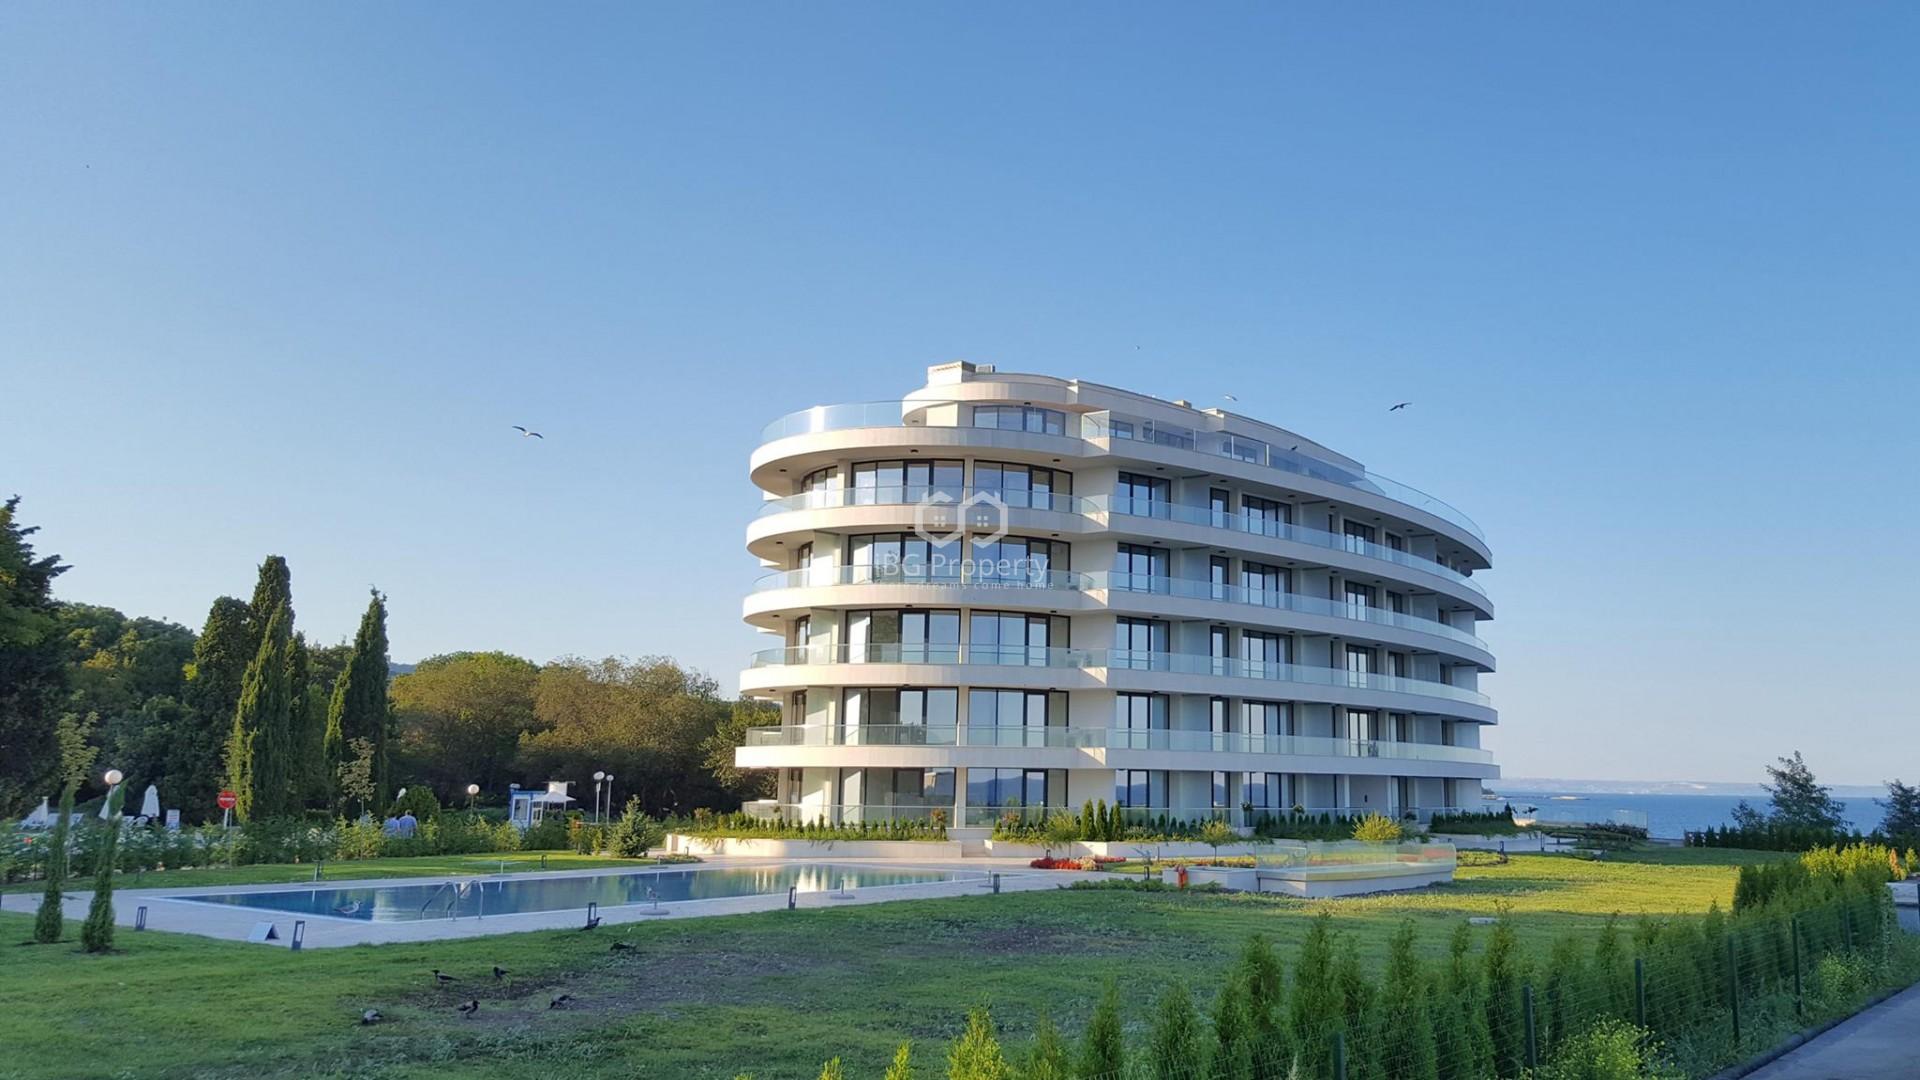 Eдностаен апартамент Св. Св. Константин и Елена 33 m2